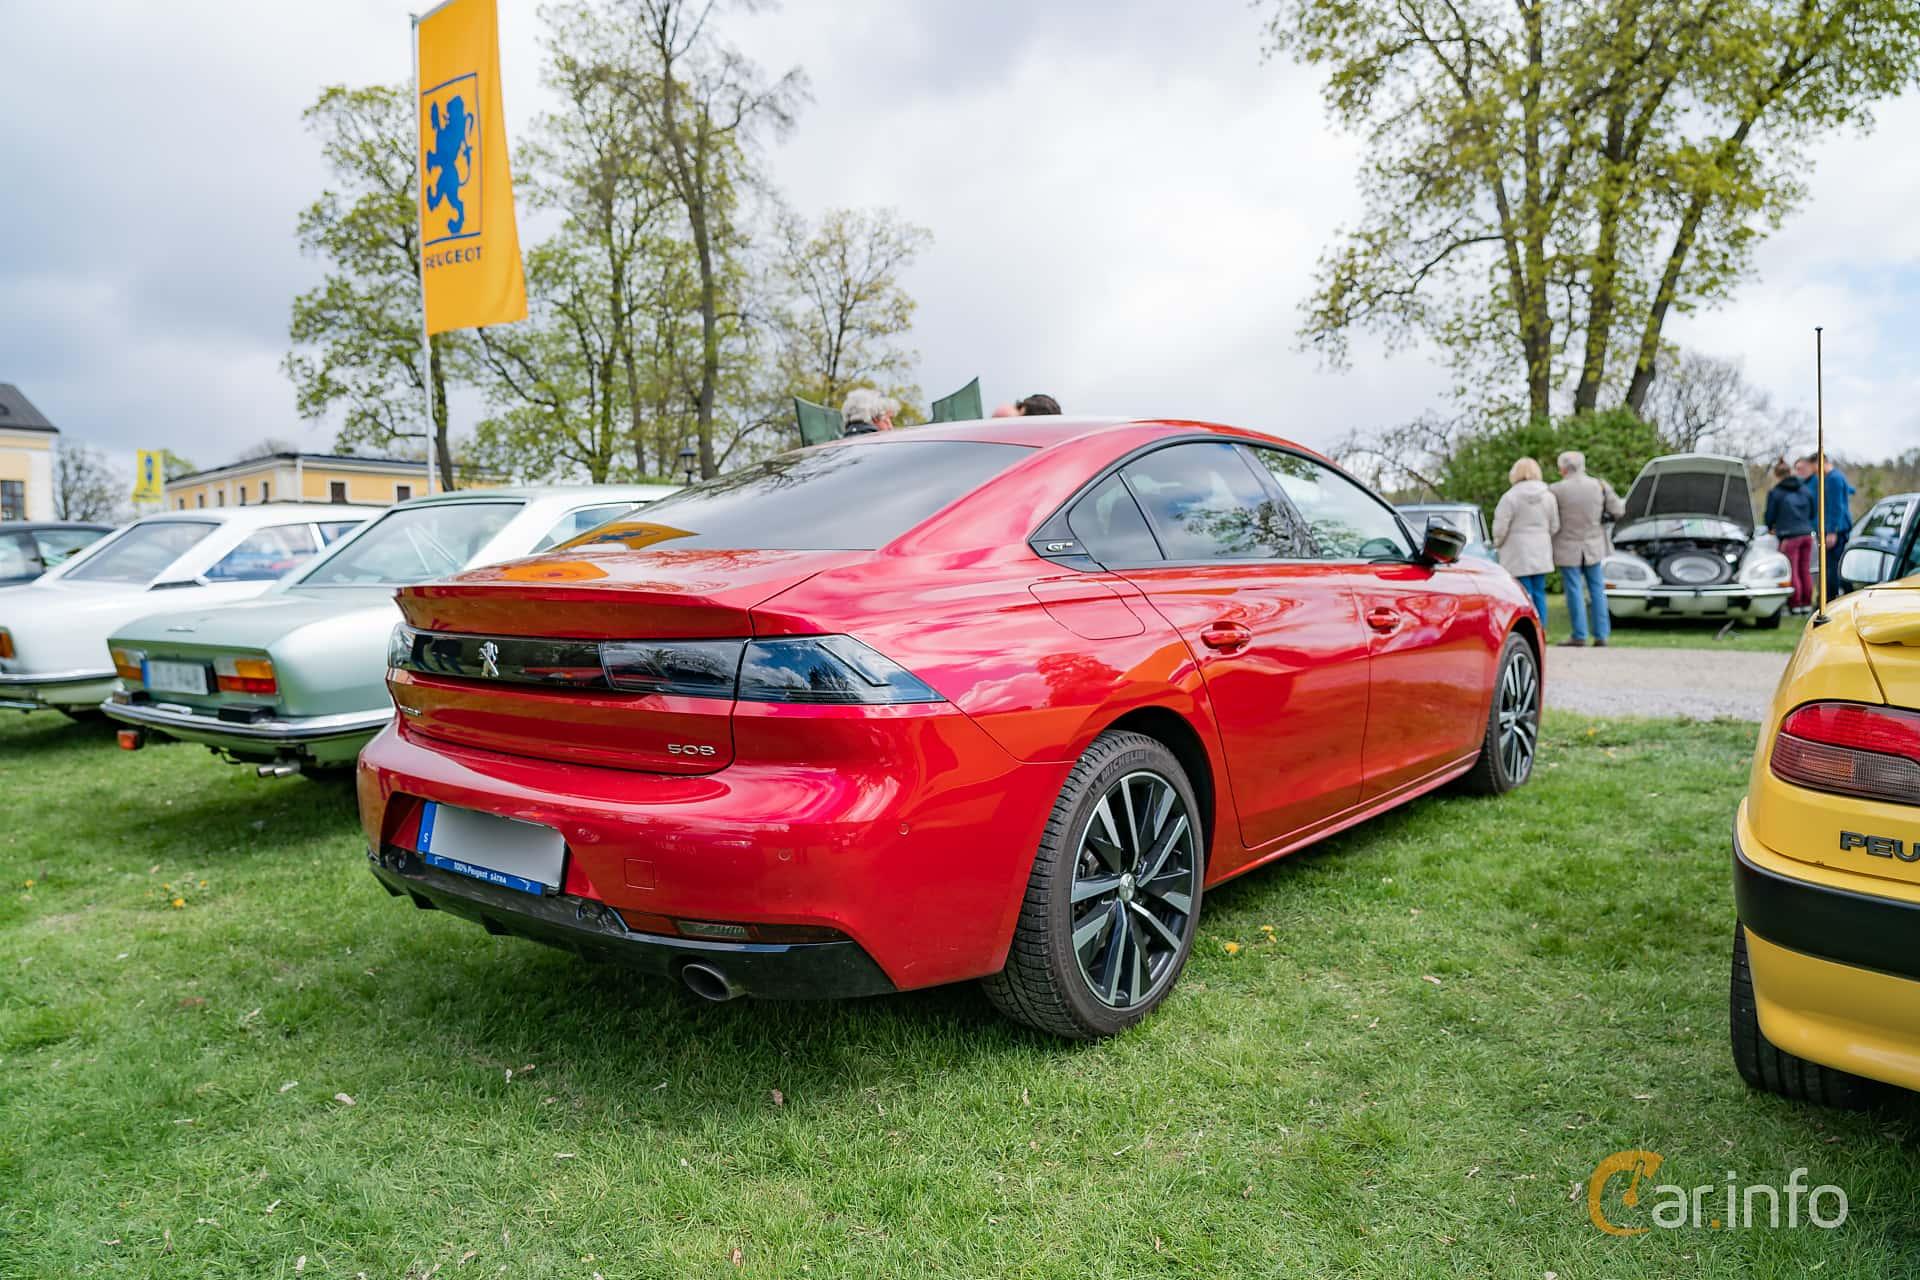 Peugeot 508 GT 1.6 PureTech EAT, 225hp, 2019 at Fest För Franska Fordon  på Taxinge slott 2019